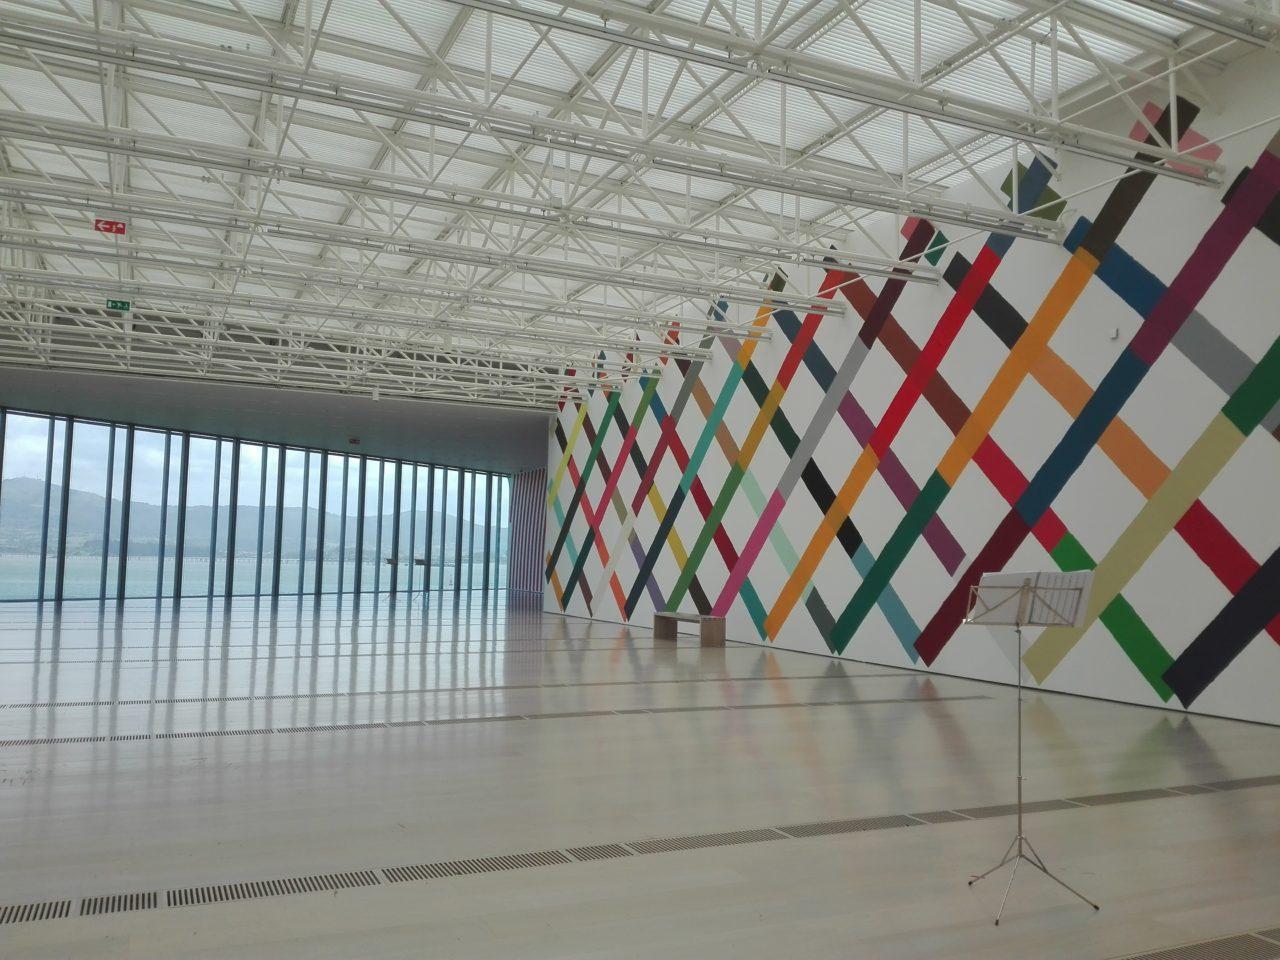 El Centro Botin Architecte Renzo